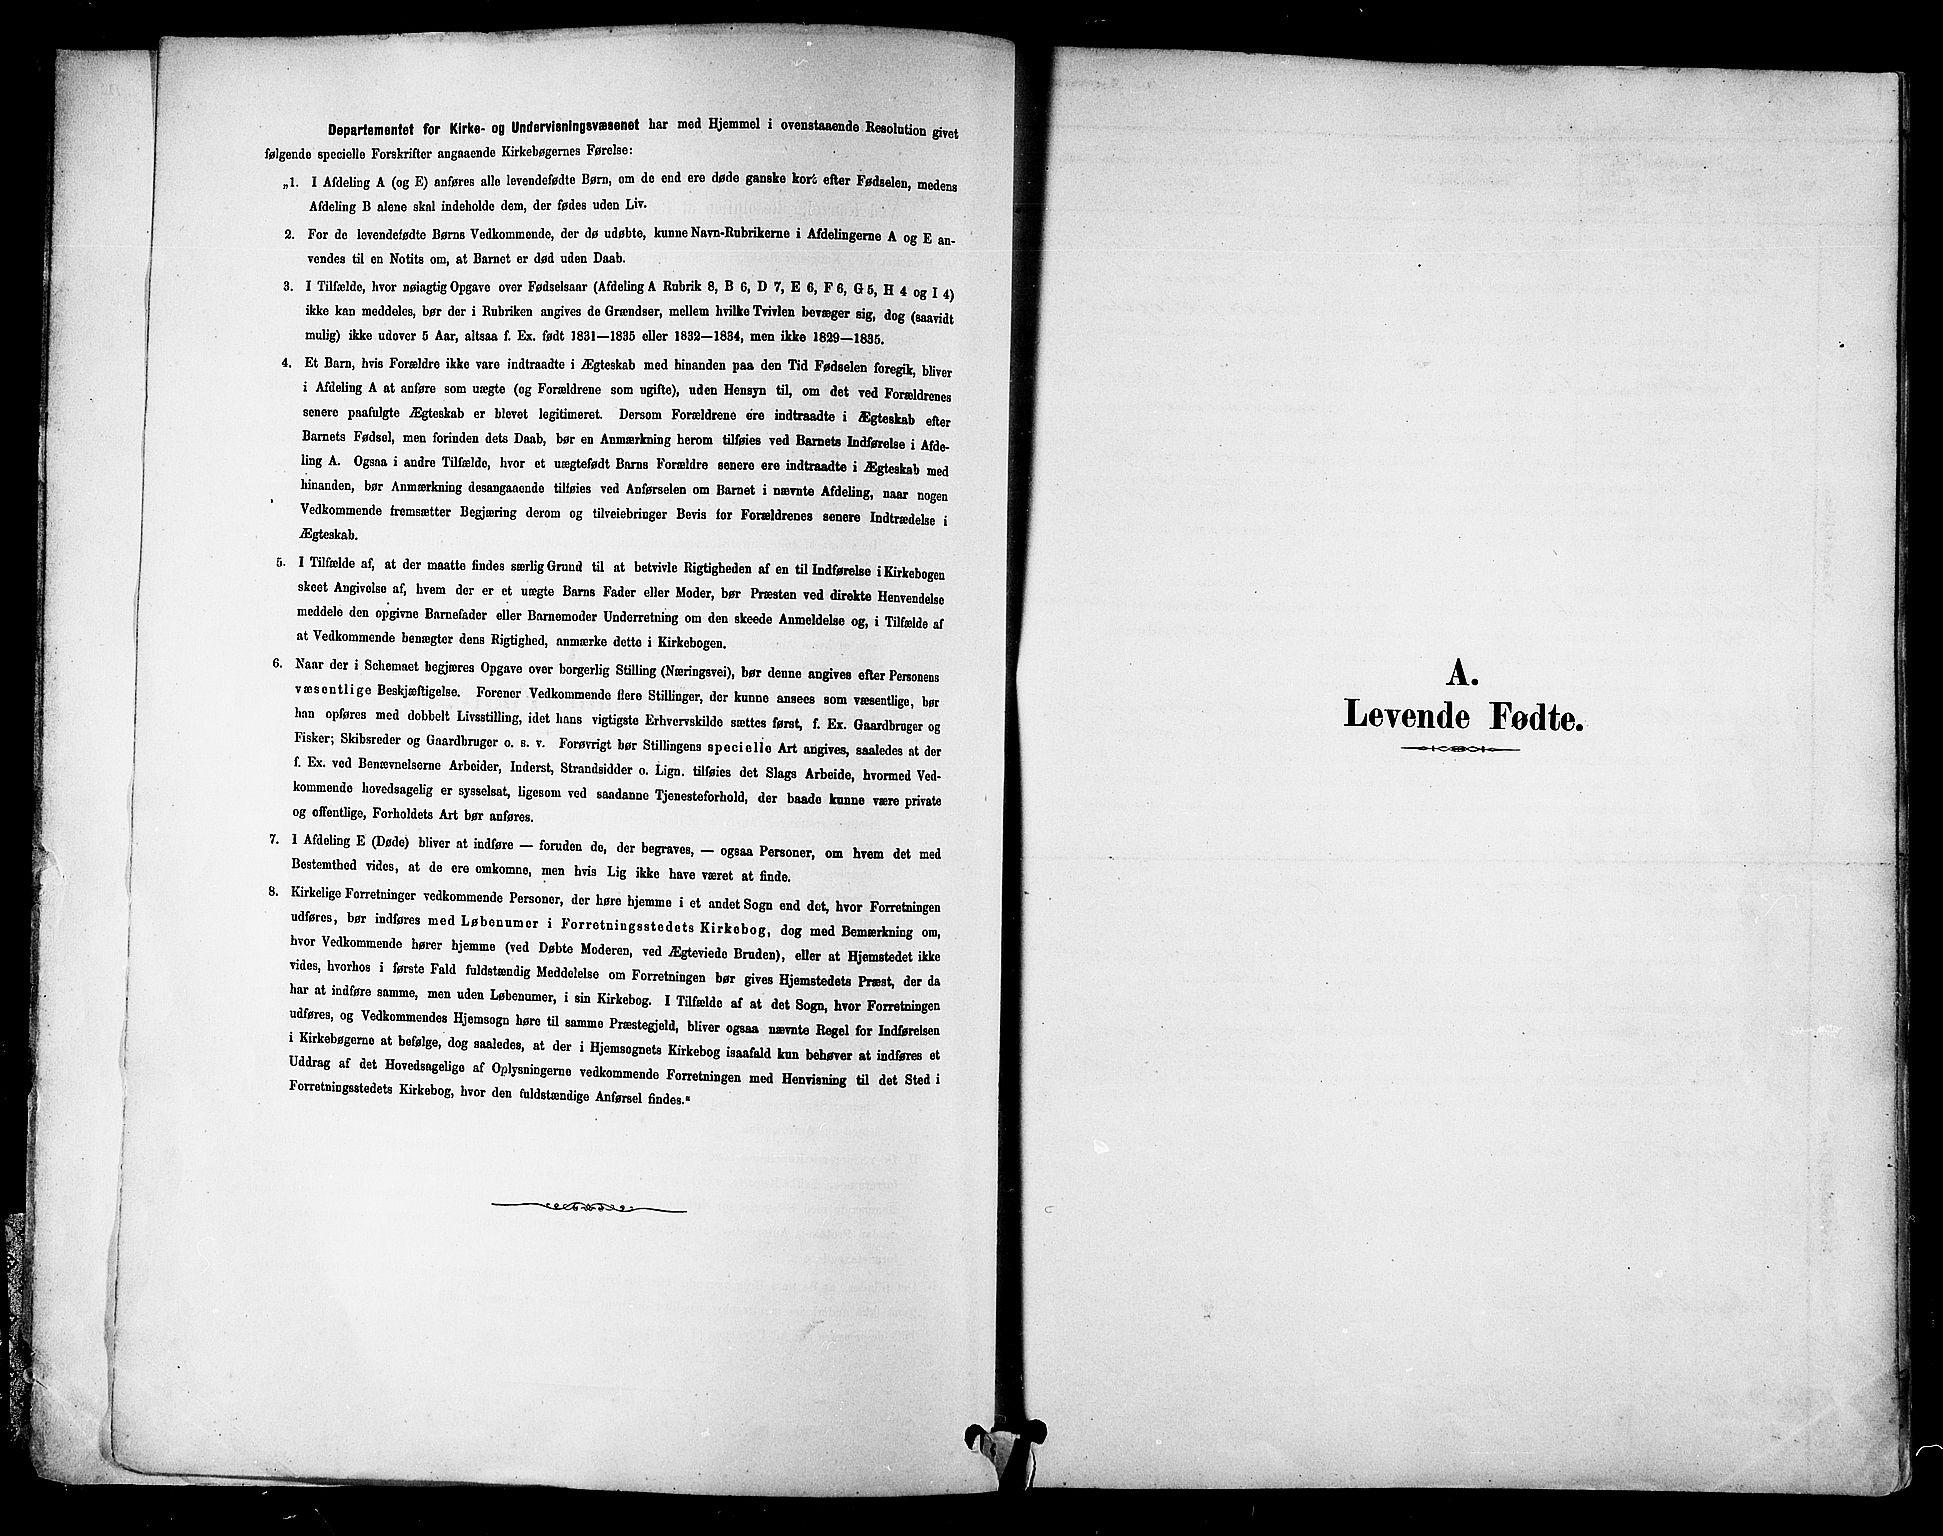 SAT, Ministerialprotokoller, klokkerbøker og fødselsregistre - Sør-Trøndelag, 695/L1148: Ministerialbok nr. 695A08, 1878-1891